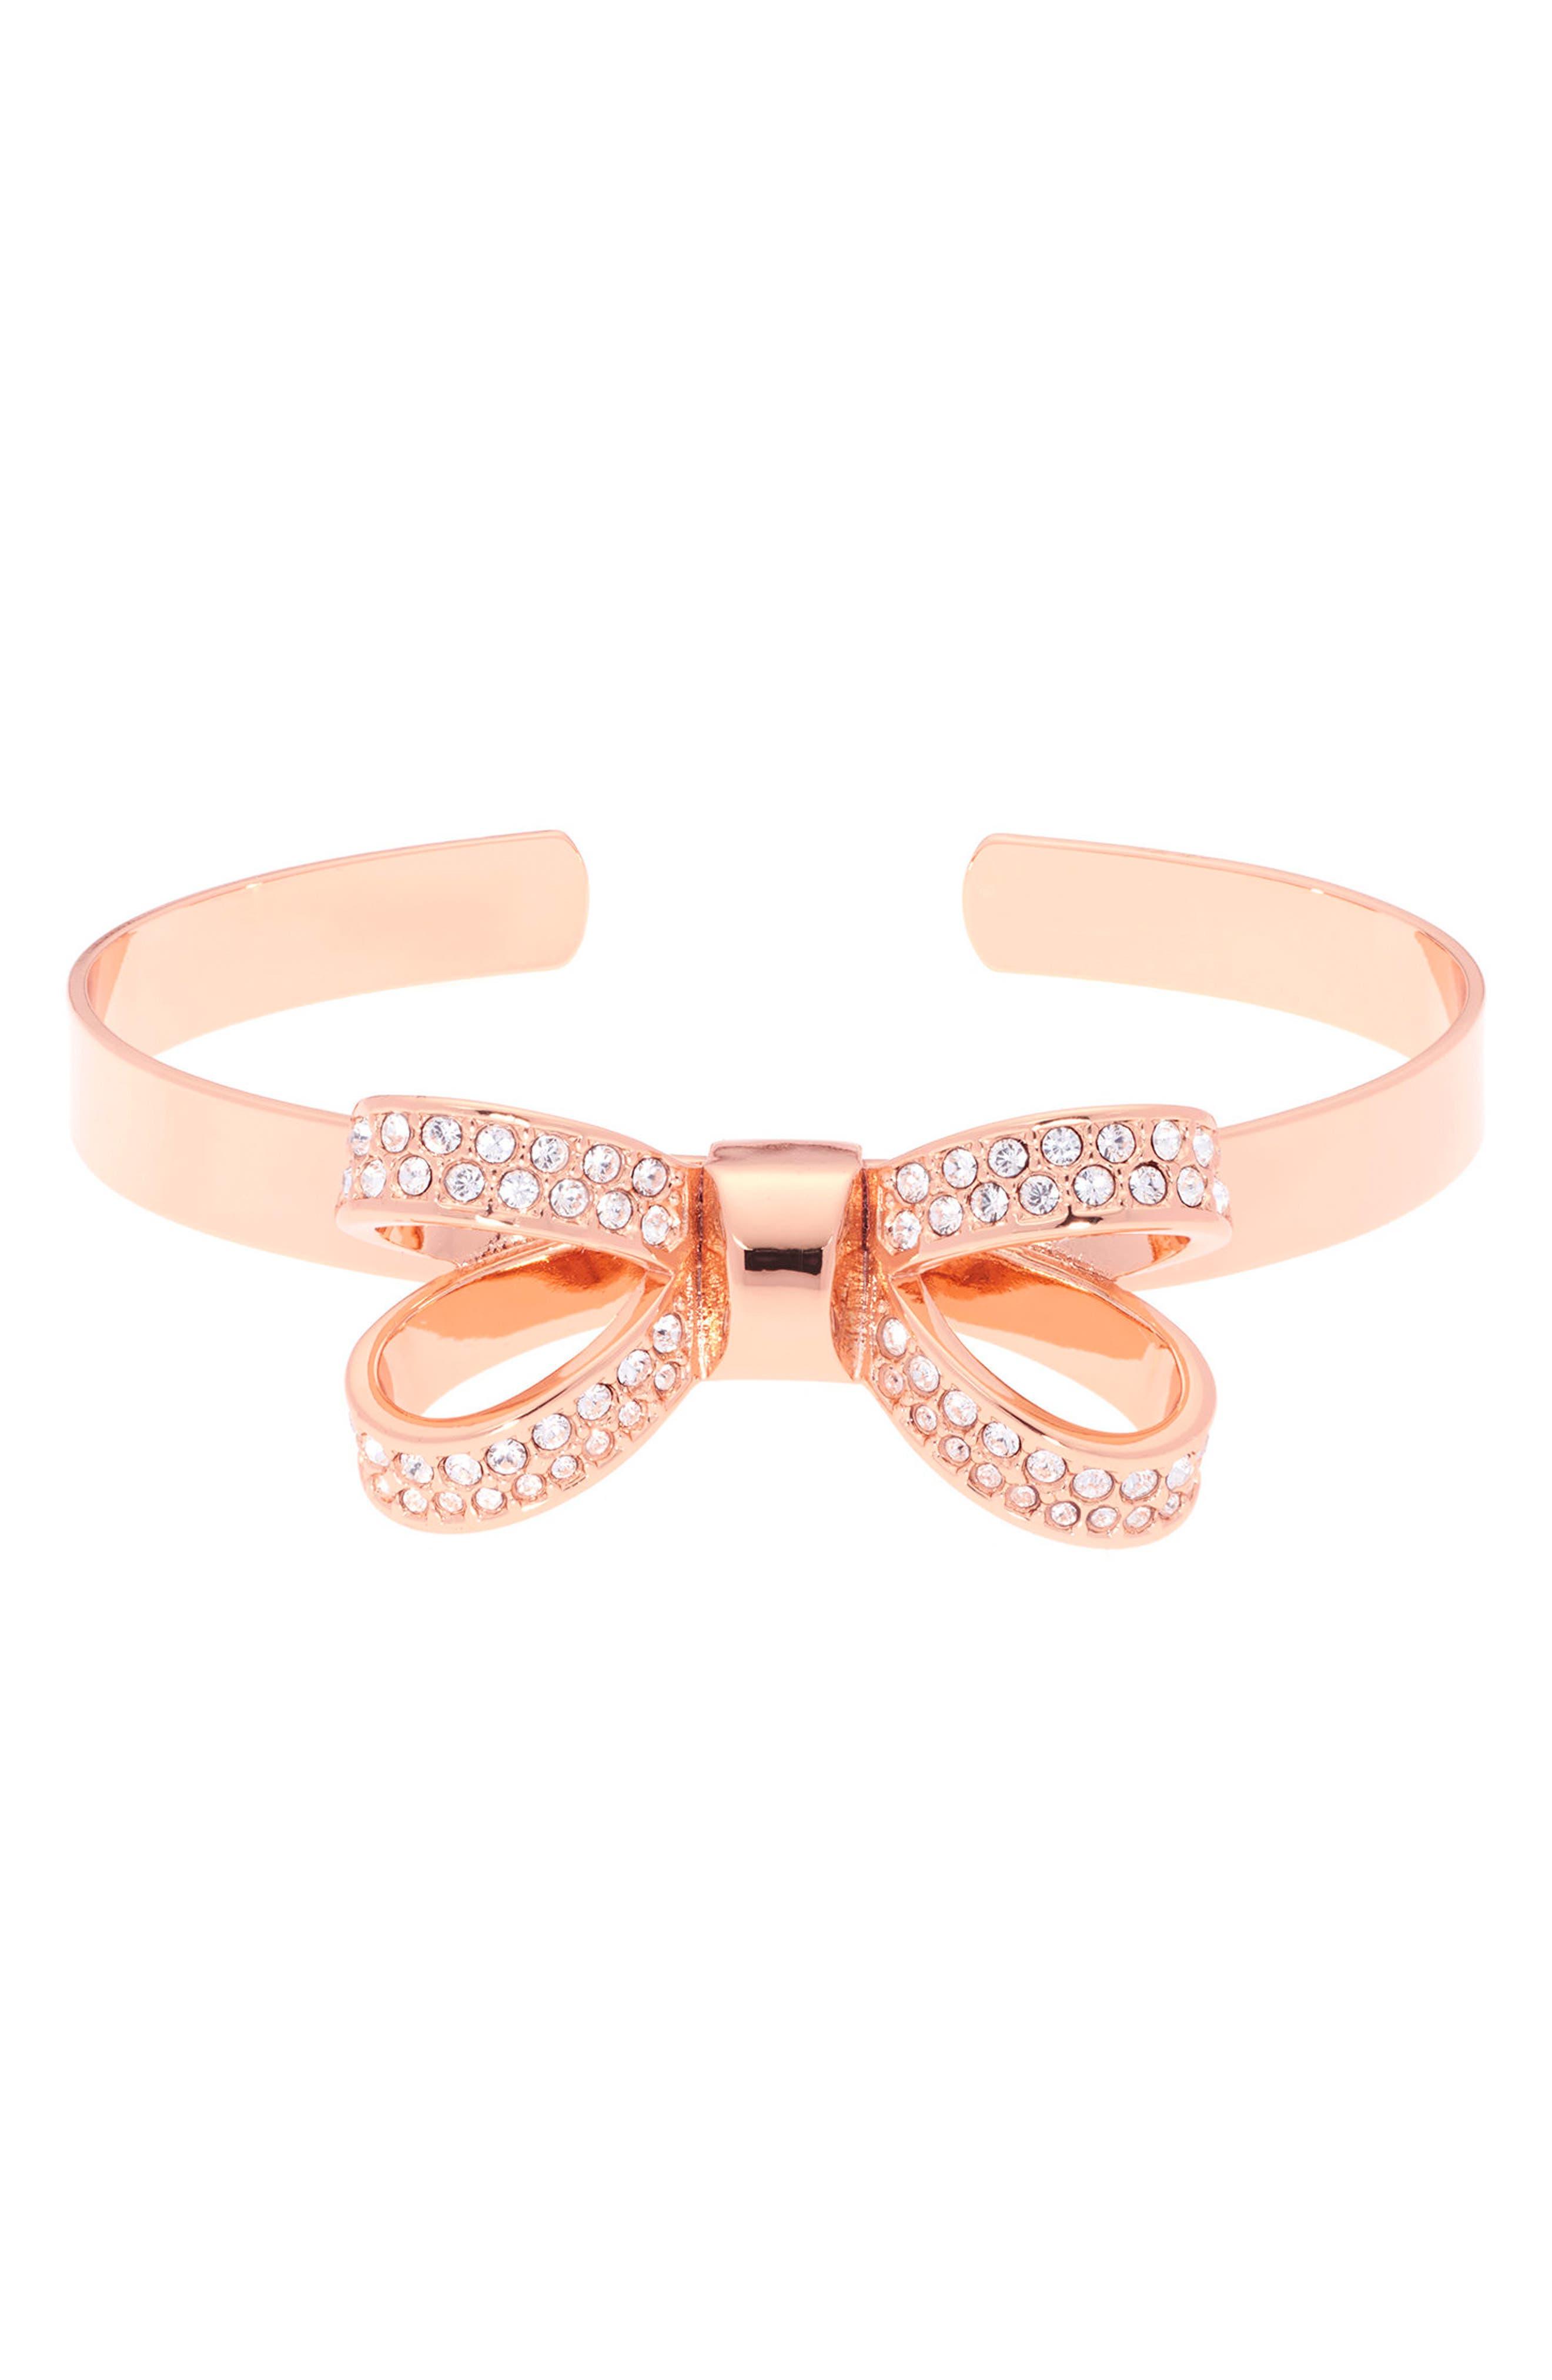 Opulent Pavé Bow Cuff Bracelet,                             Main thumbnail 1, color,